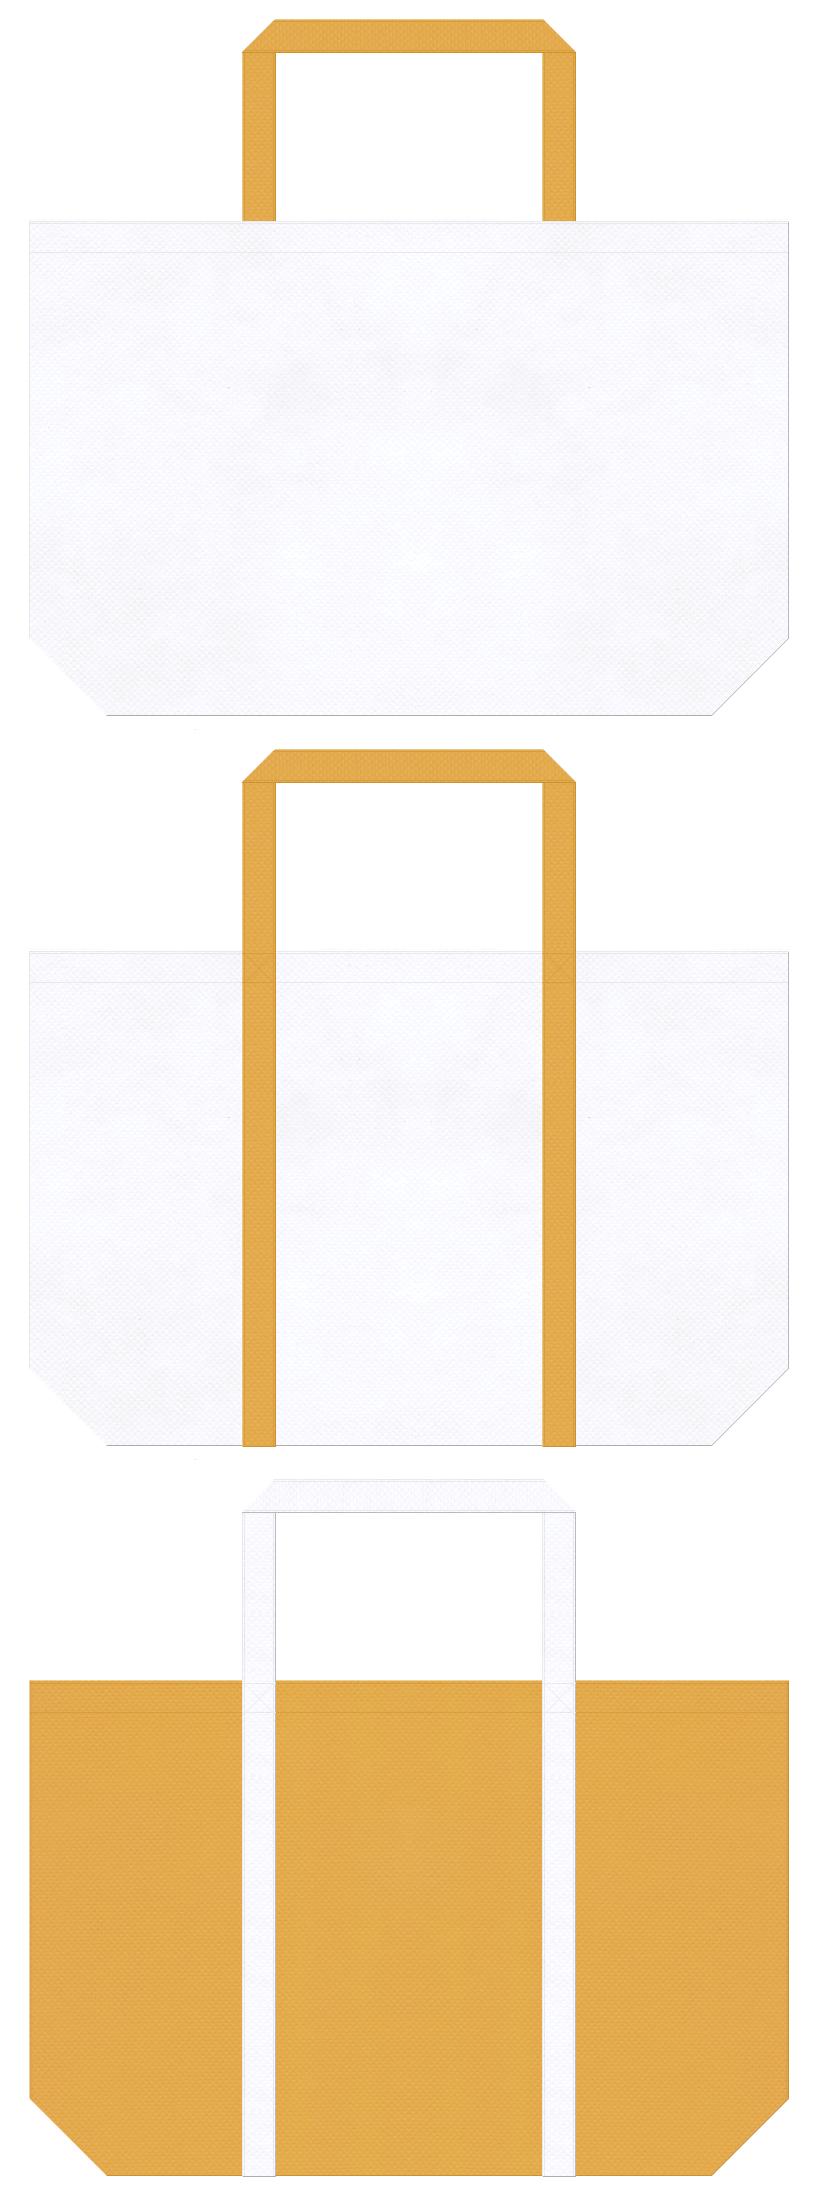 絵本・テーマパーク・ベーカリー・レシピ・お料理教室・DIYイベント・スイーツ・保冷バッグにお奨めの不織布バッグデザイン:白色と黄土色のコーデ